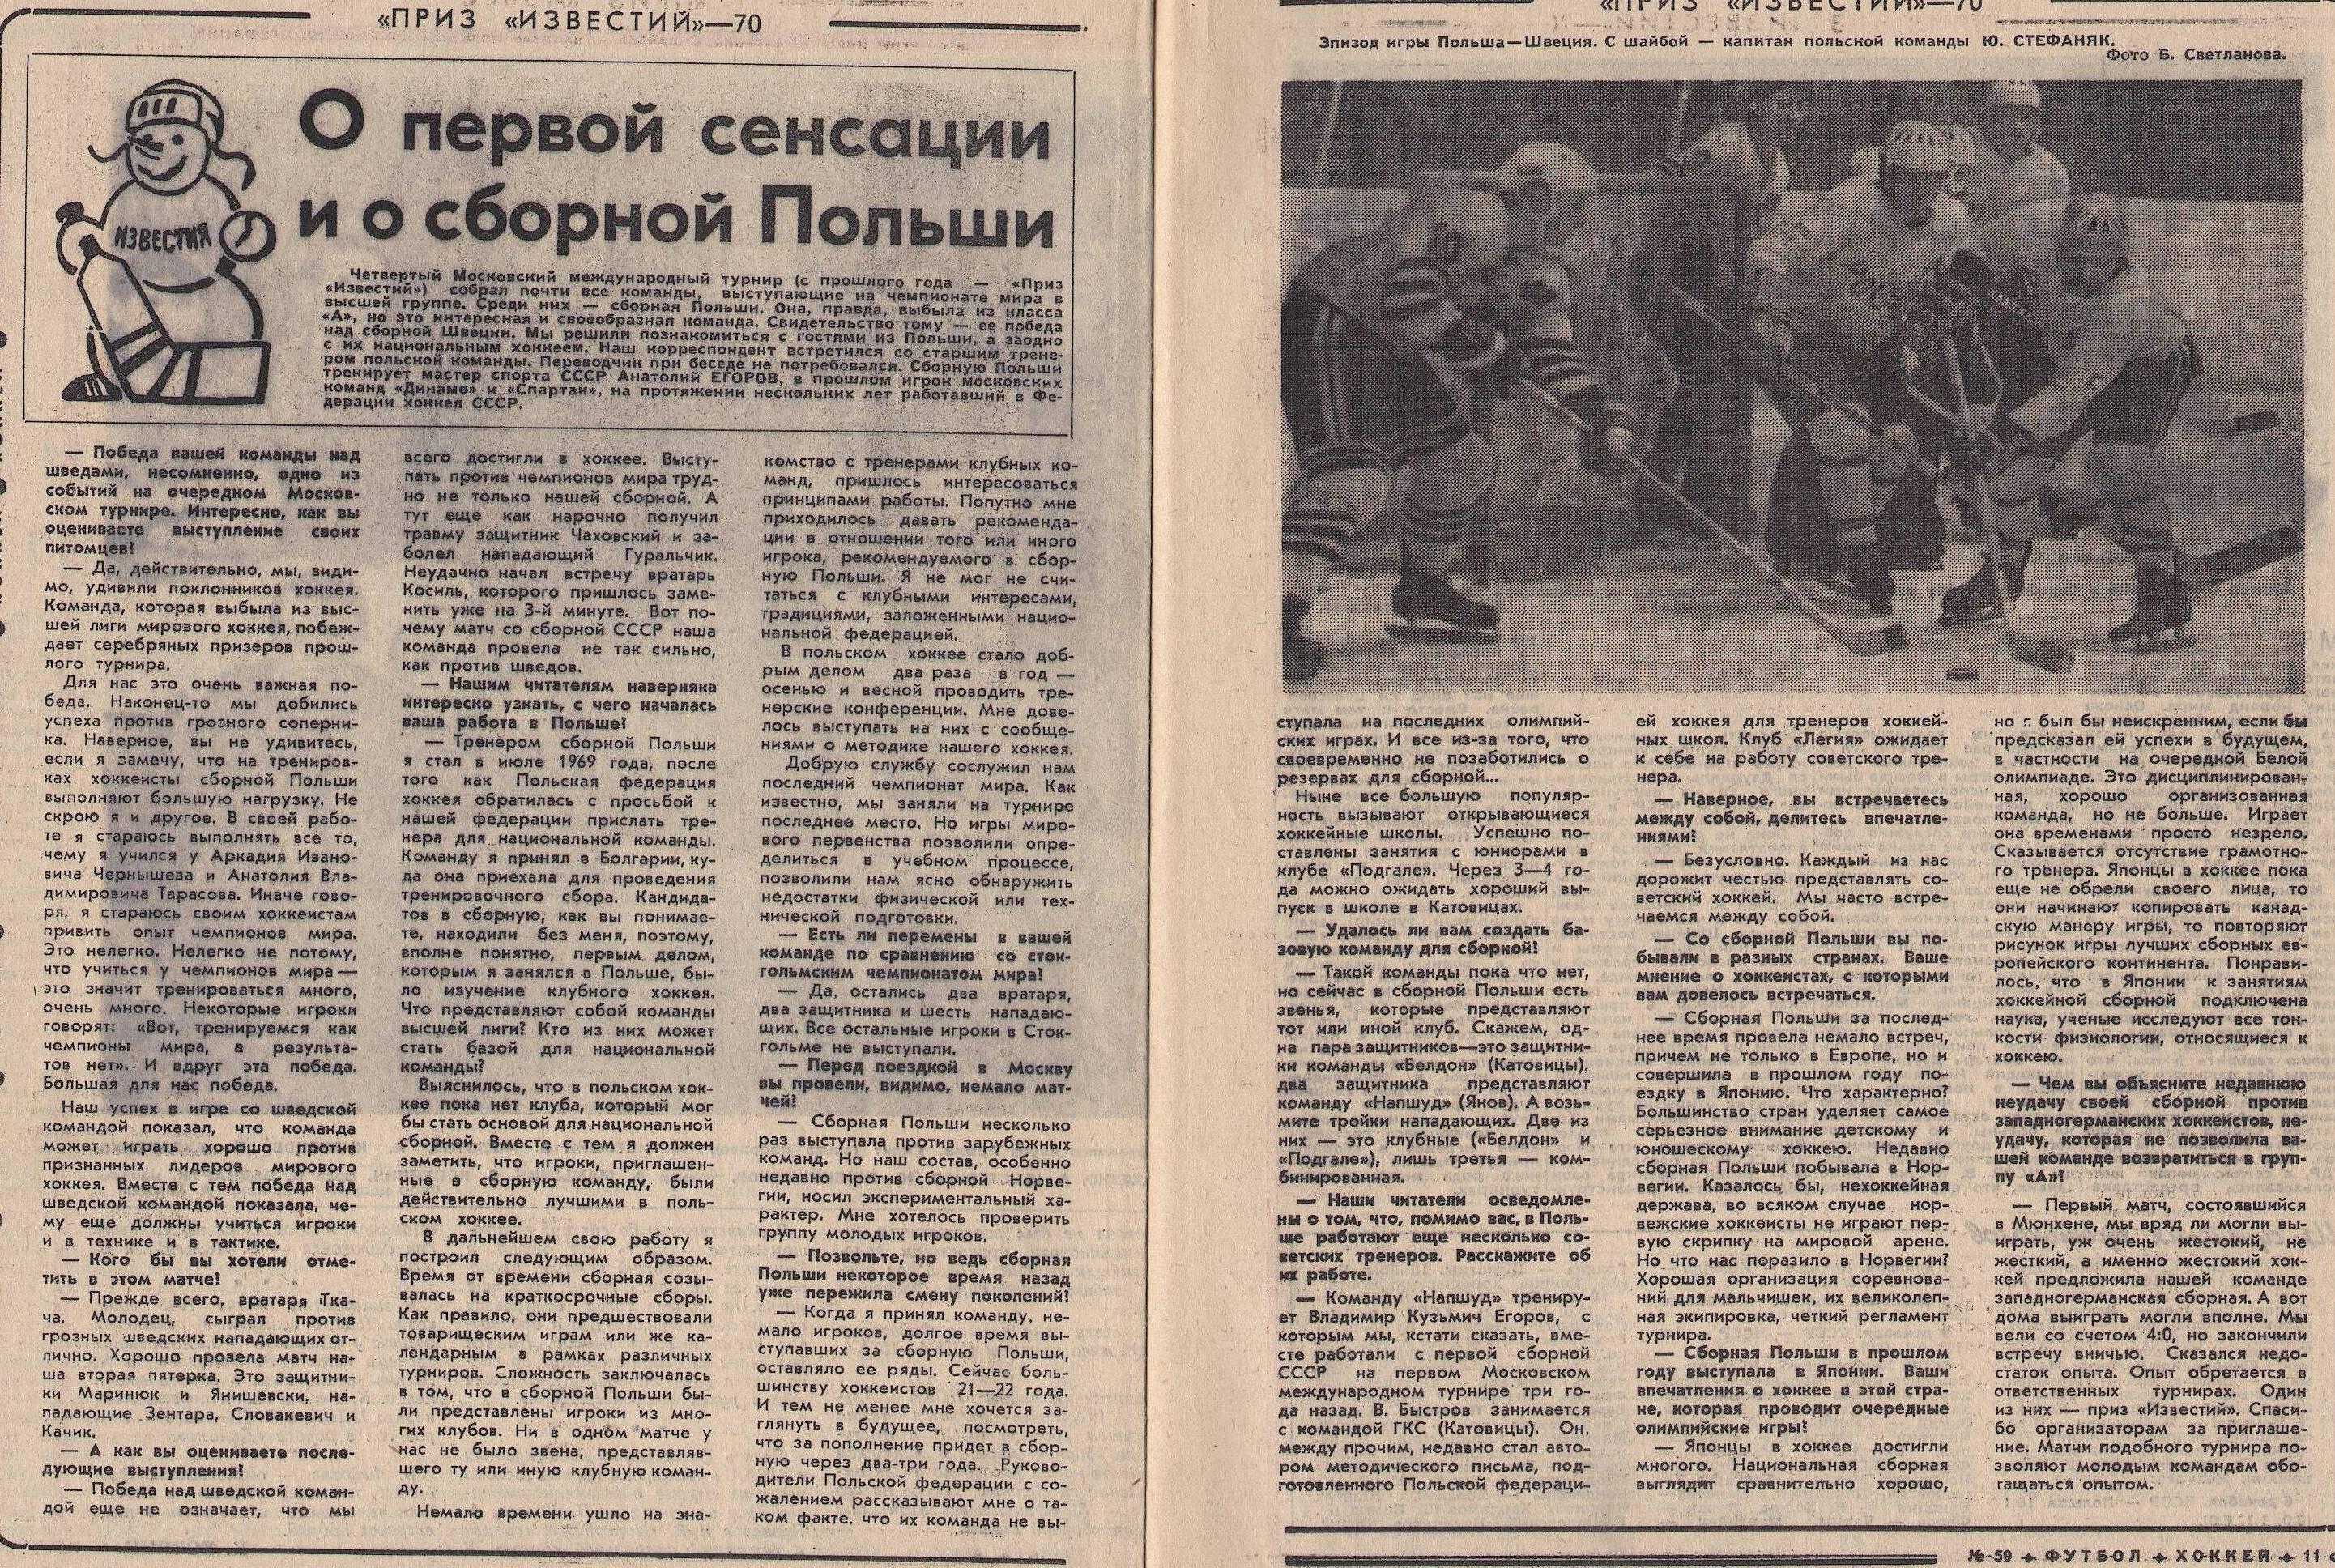 Футбол-Хоккей .о сб.Польши на ПИ-1970.jpg